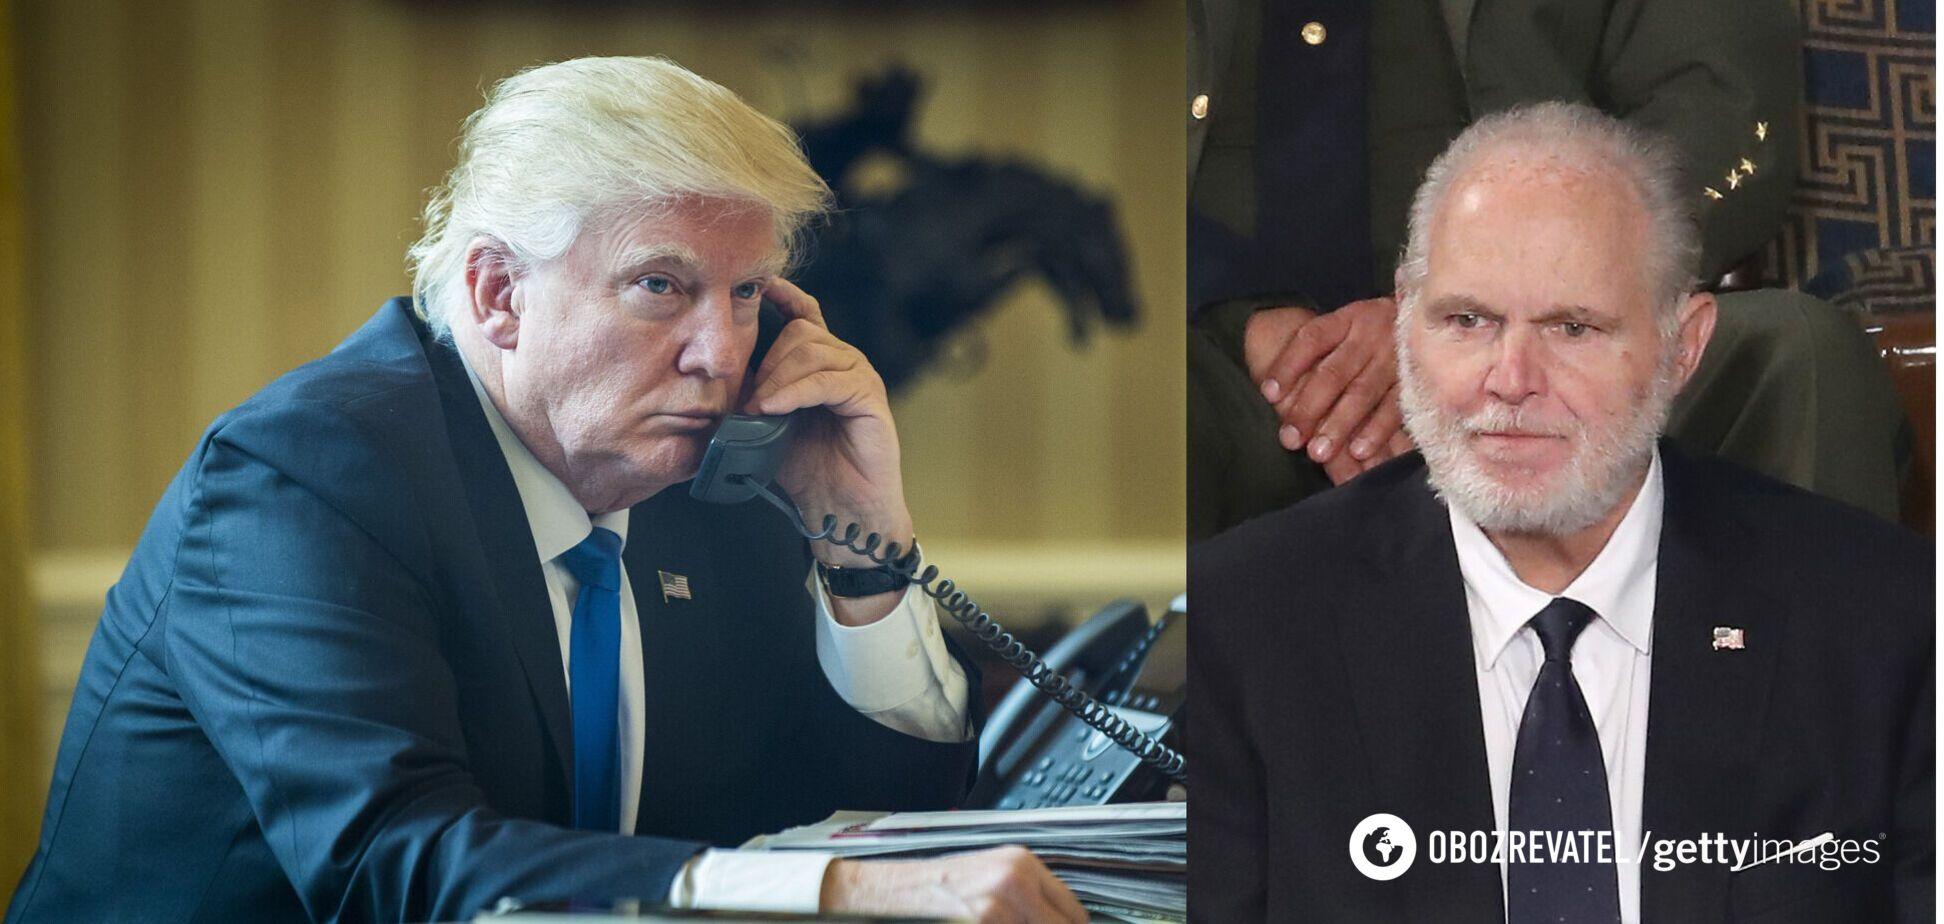 Трамп впервые нарушил молчание в СМИ после ухода с поста